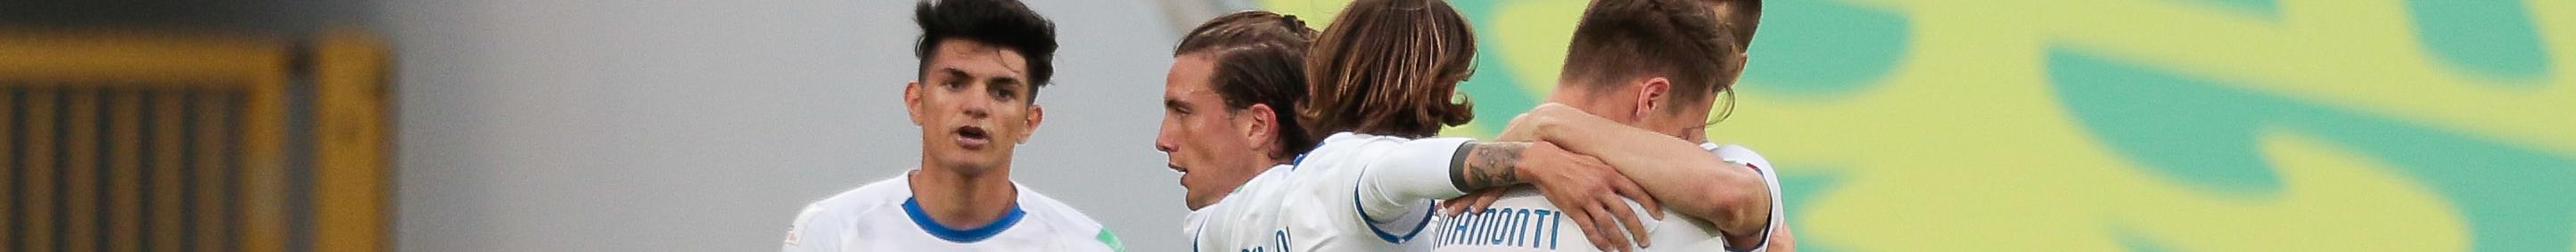 Italia-Giappone U20, un pareggio per vincere il girone